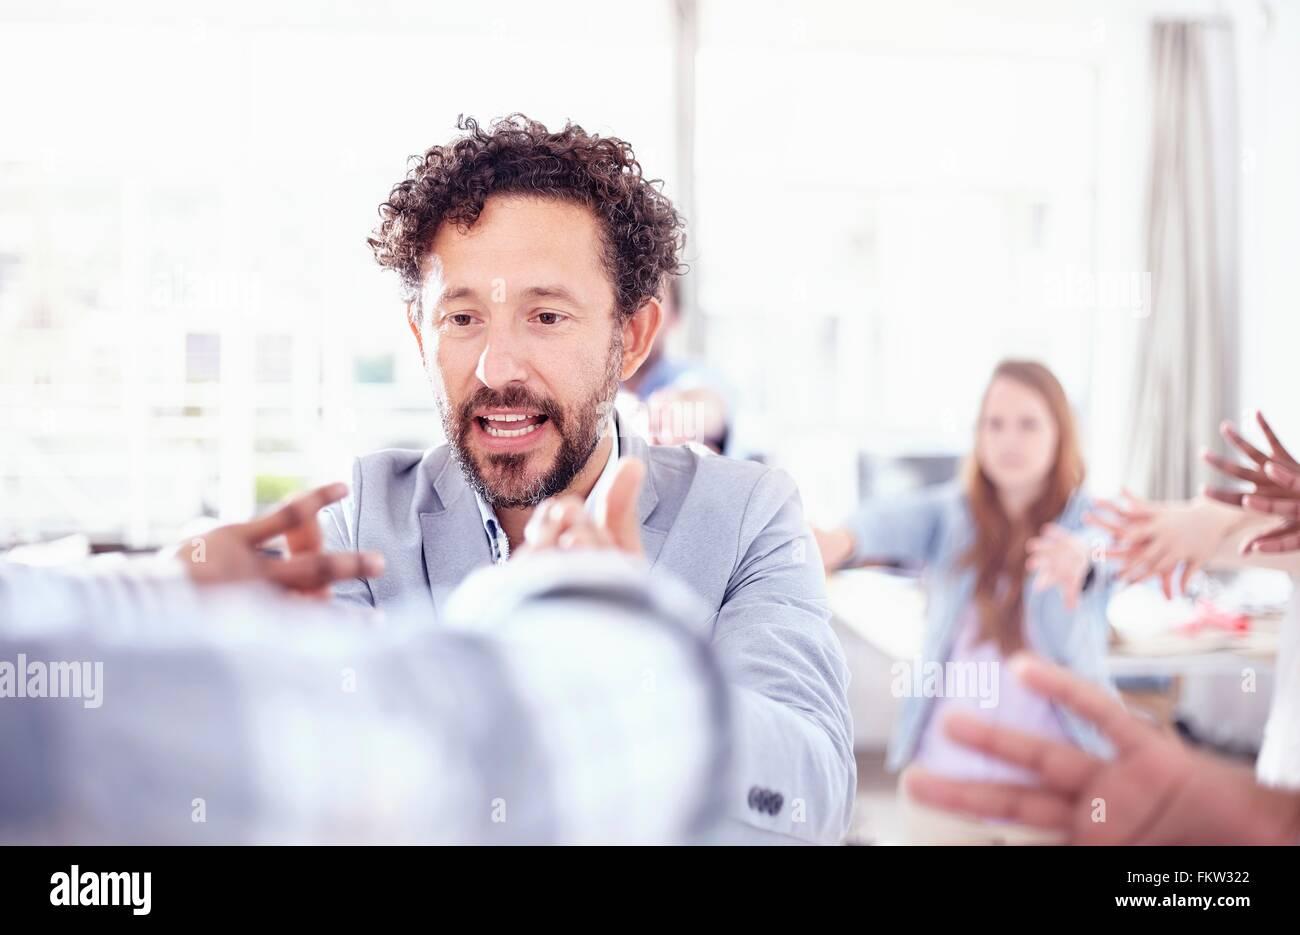 Hombre maduro barbado en team building hablar manos alzadas sonriendo Imagen De Stock